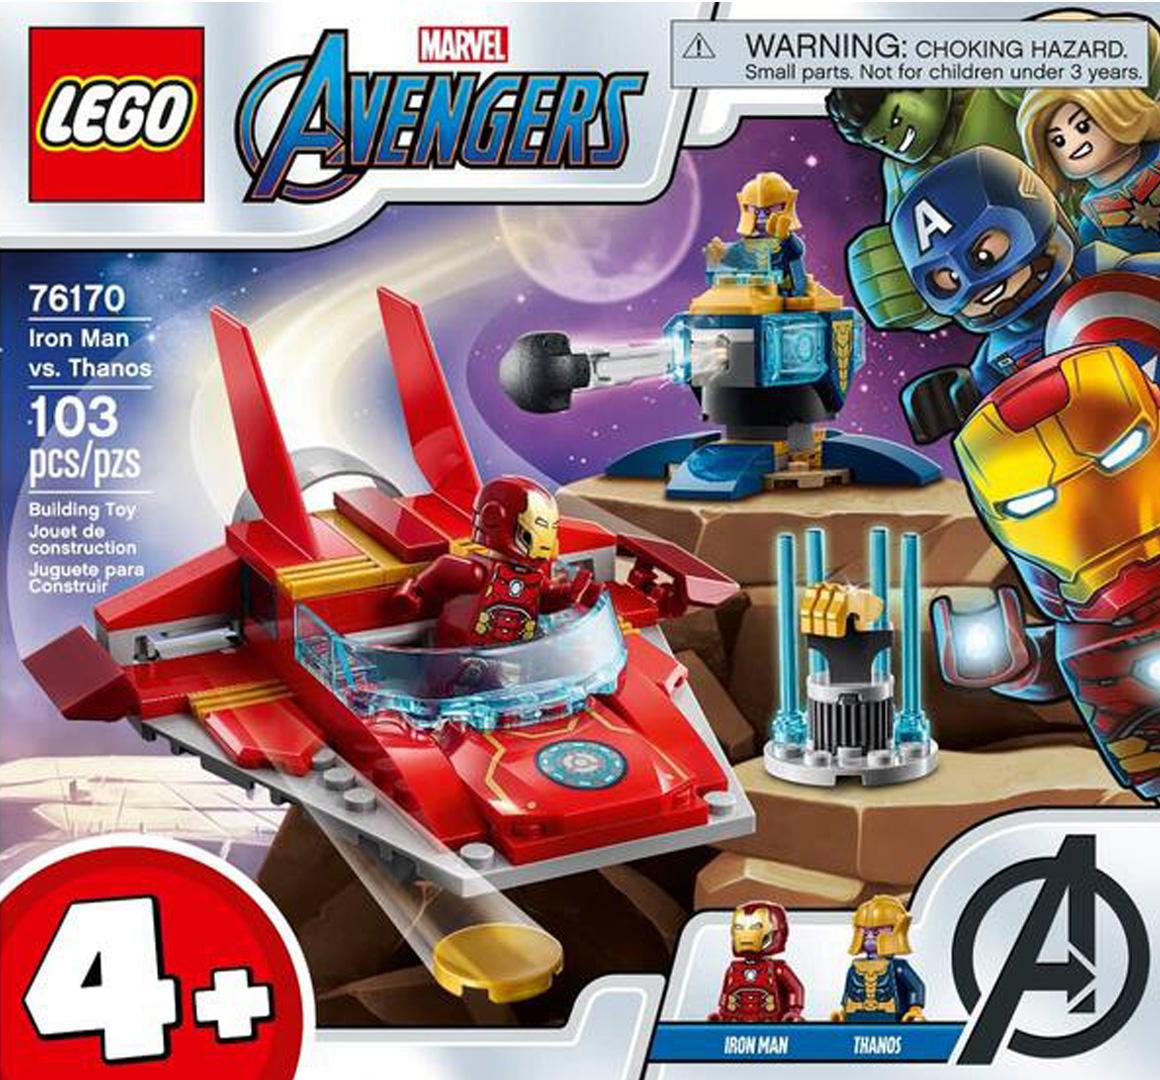 レゴ(LEGO) スーパー・ヒーローズ アイアンマン対サノス 76170